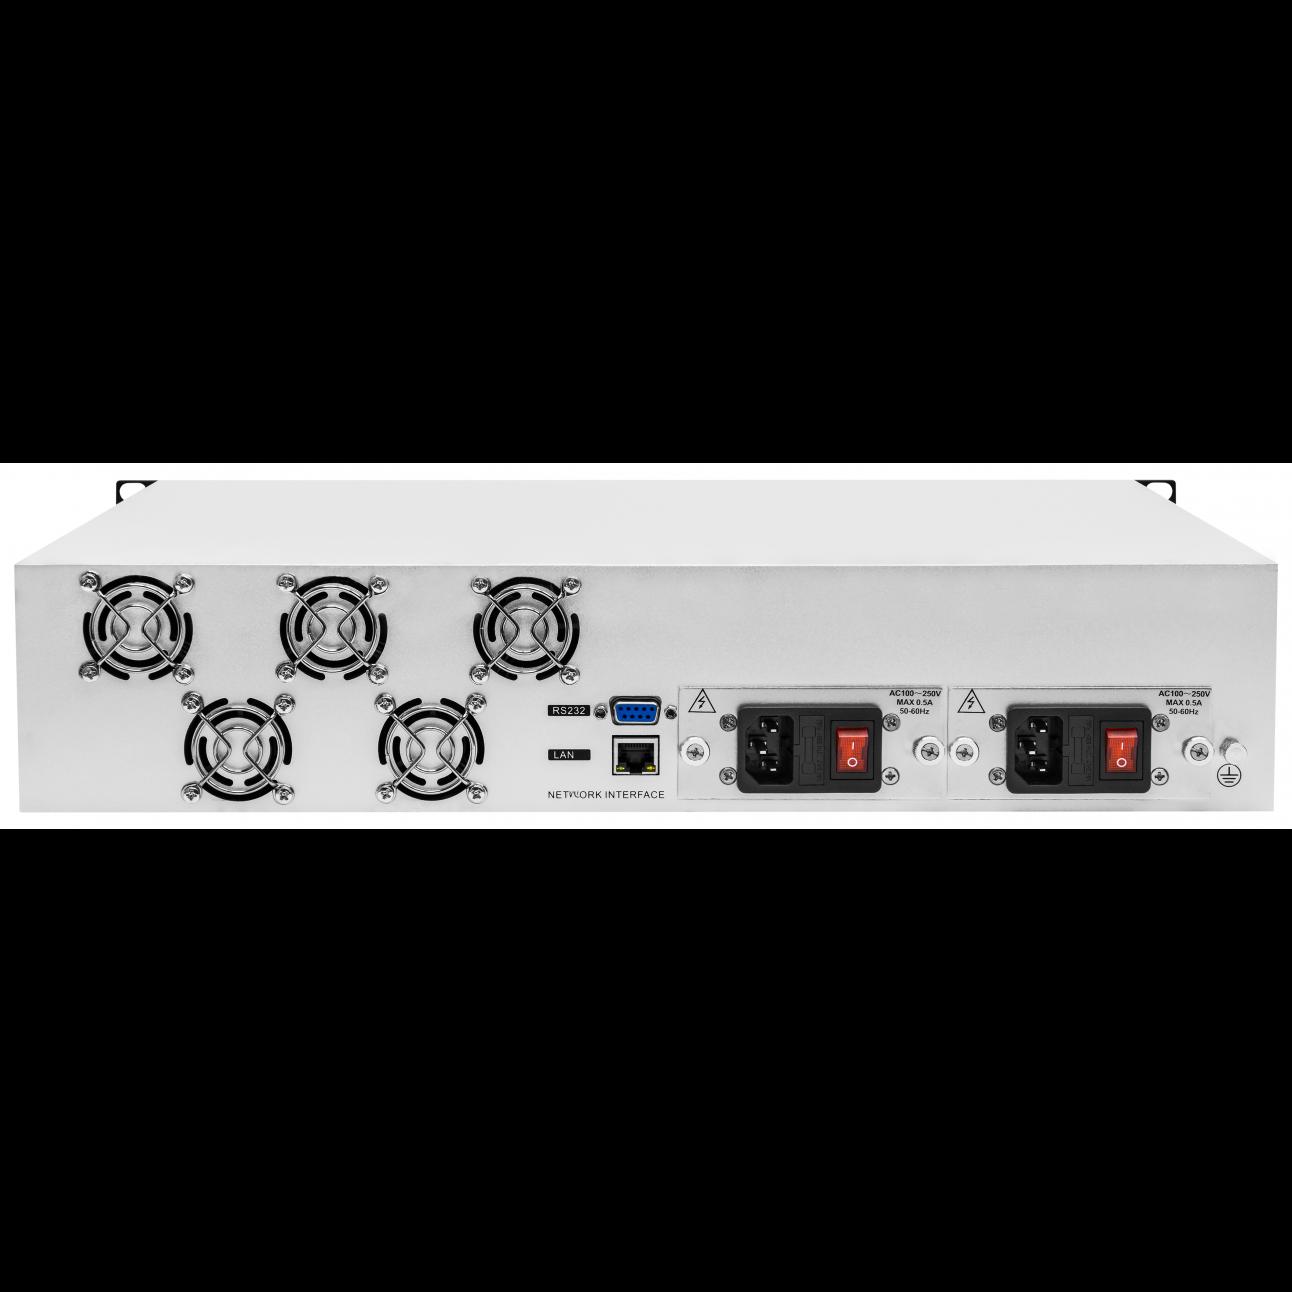 Оптический усилитель VERMAX для сетей КТВ, 16*19dBm, WDM фильтр PON